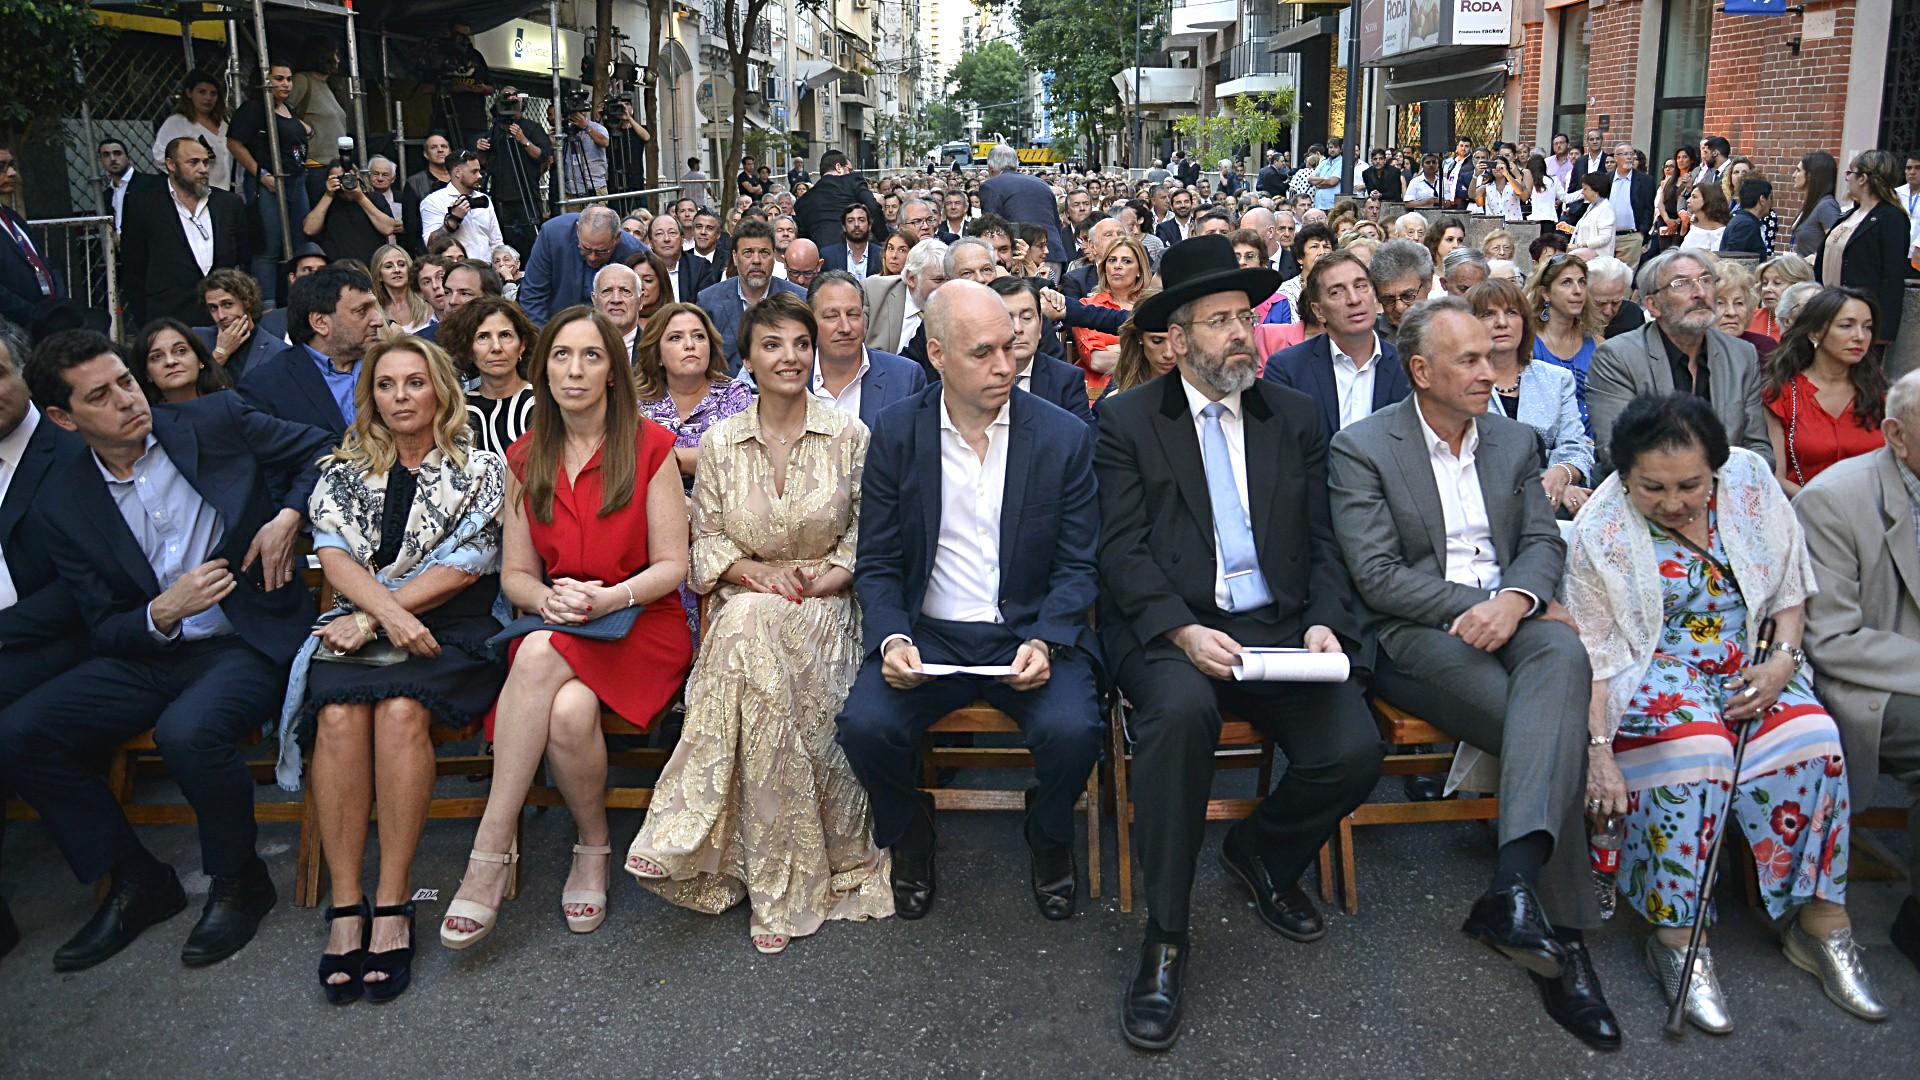 La reapertura del Museo de la Shoá de Buenos Aires fue celebrada por importantes líderes políticos, religiosos, sobrevivientes del holocausto, representantes diplomáticos y miembros de las comunidades religiosas que conviven en la Argentina